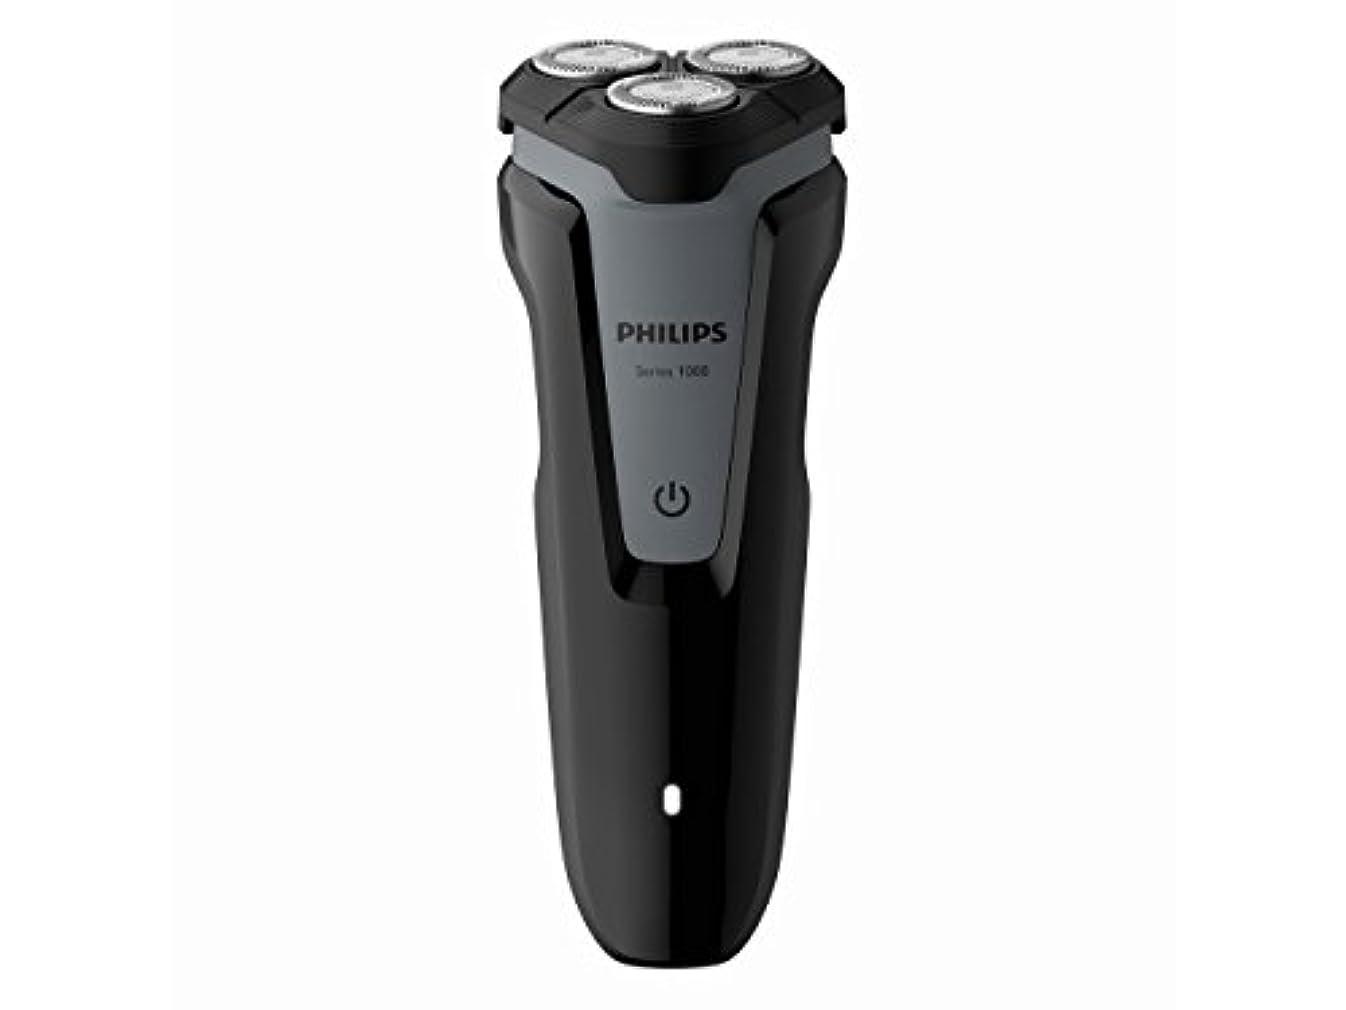 ラフ睡眠音声横にフィリップス 1000シリーズ メンズ電気シェーバー 回転刃 お風呂剃り可 S1041/03